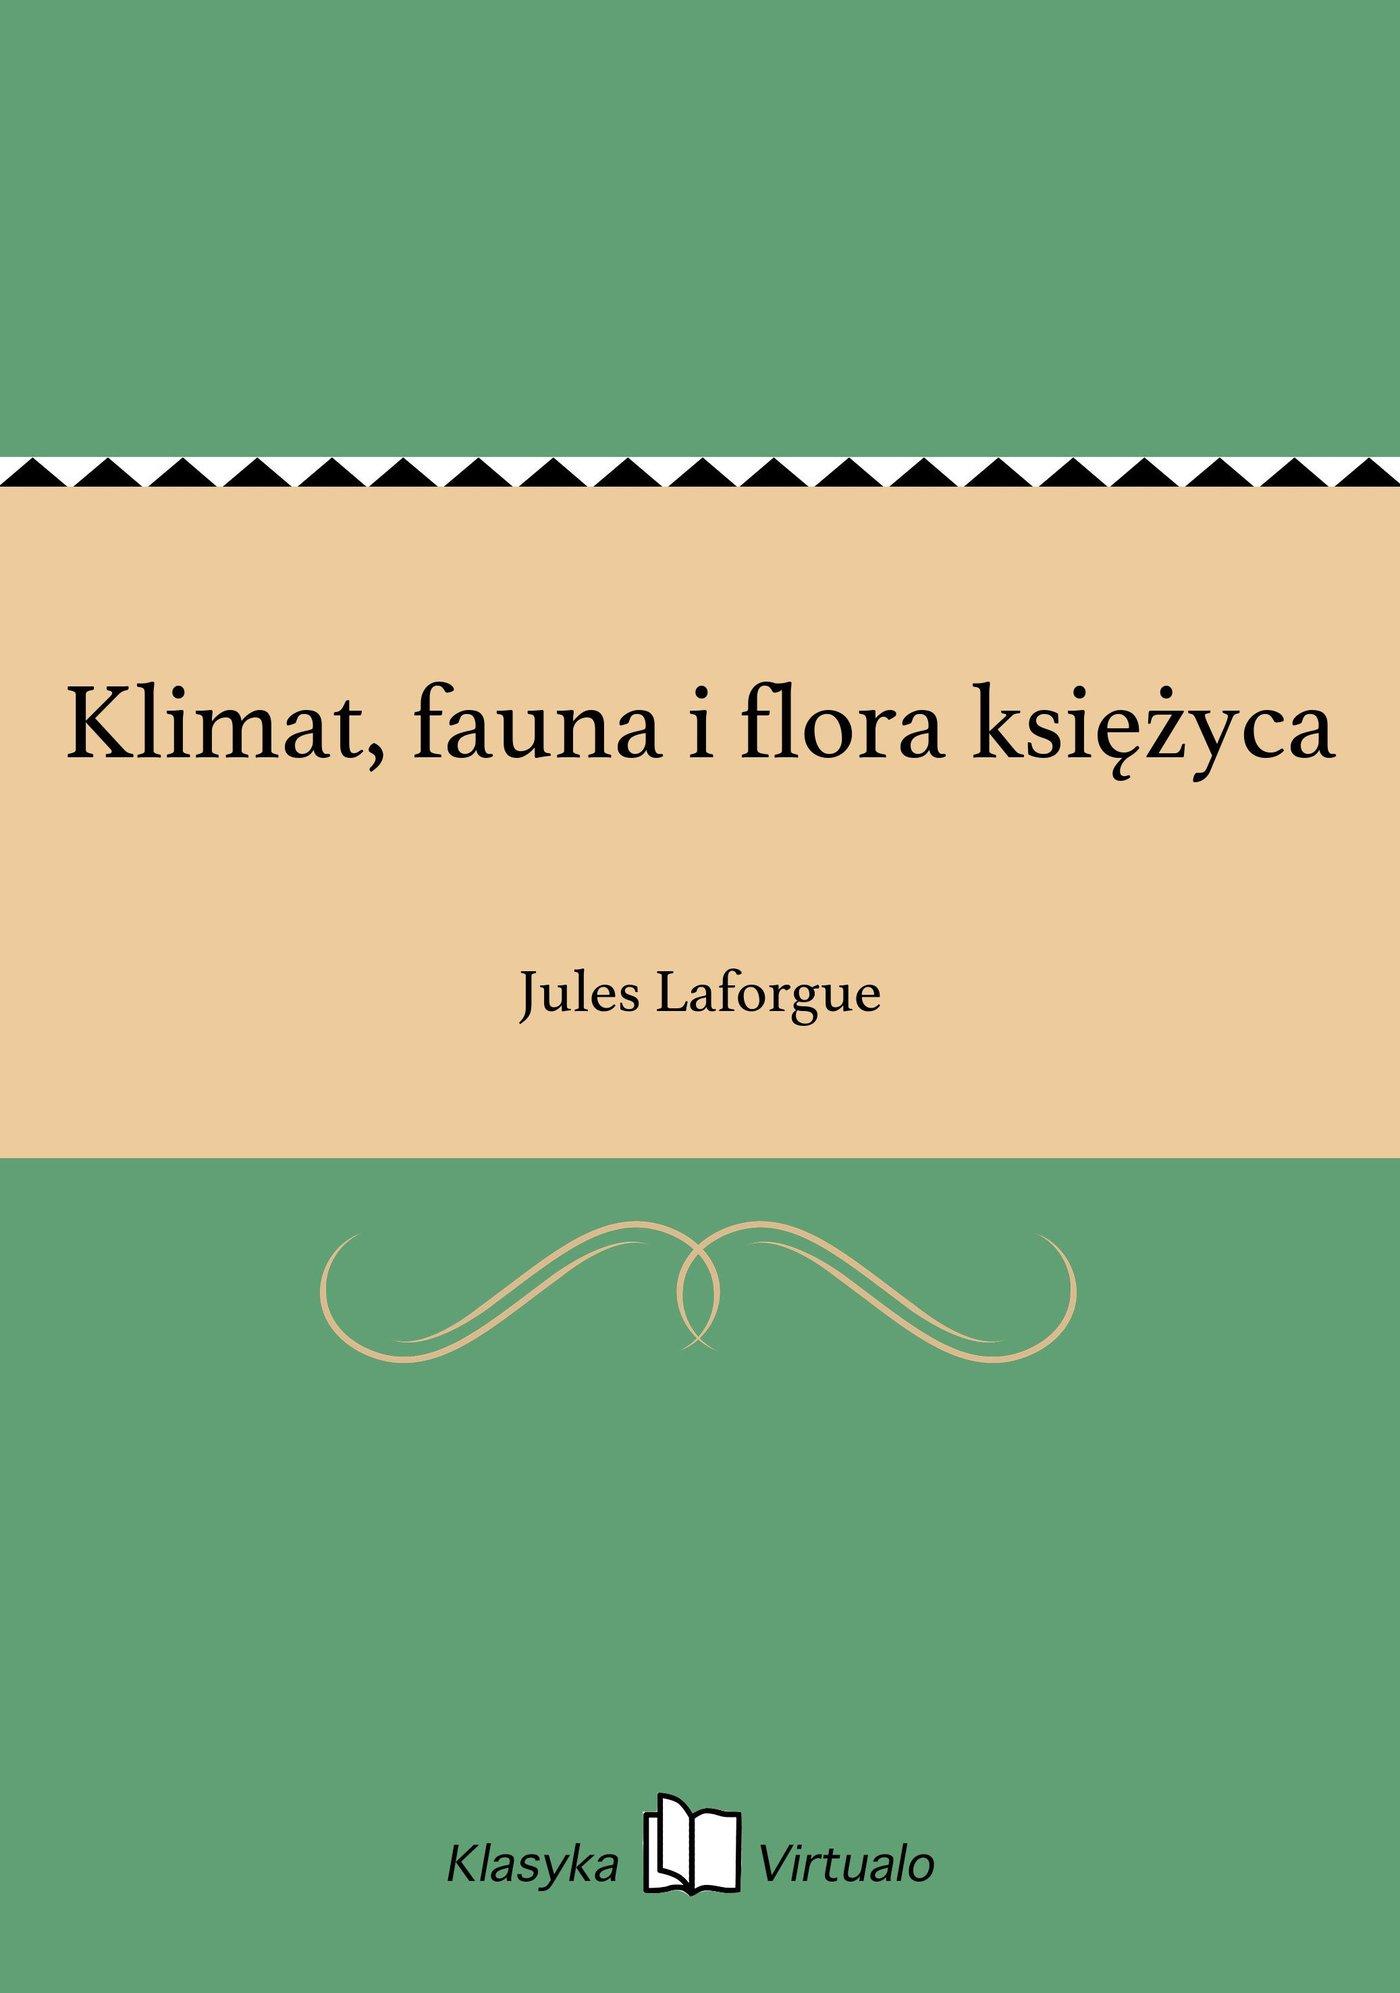 Klimat, fauna i flora księżyca - Ebook (Książka na Kindle) do pobrania w formacie MOBI